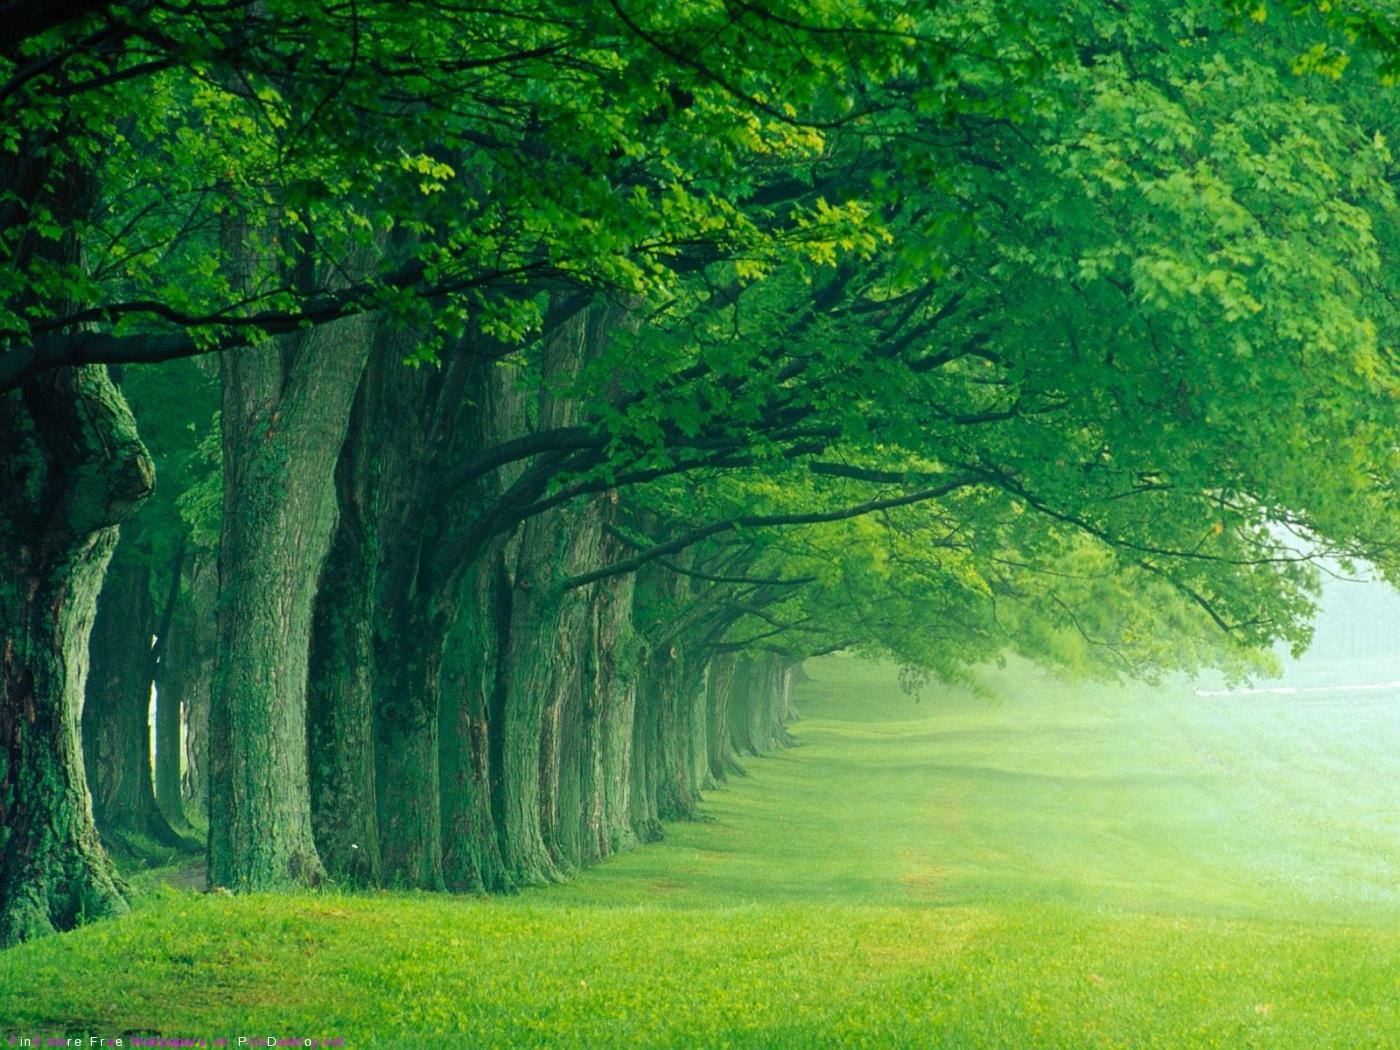 обои для рабочего стола природа лето лес широкоформатные